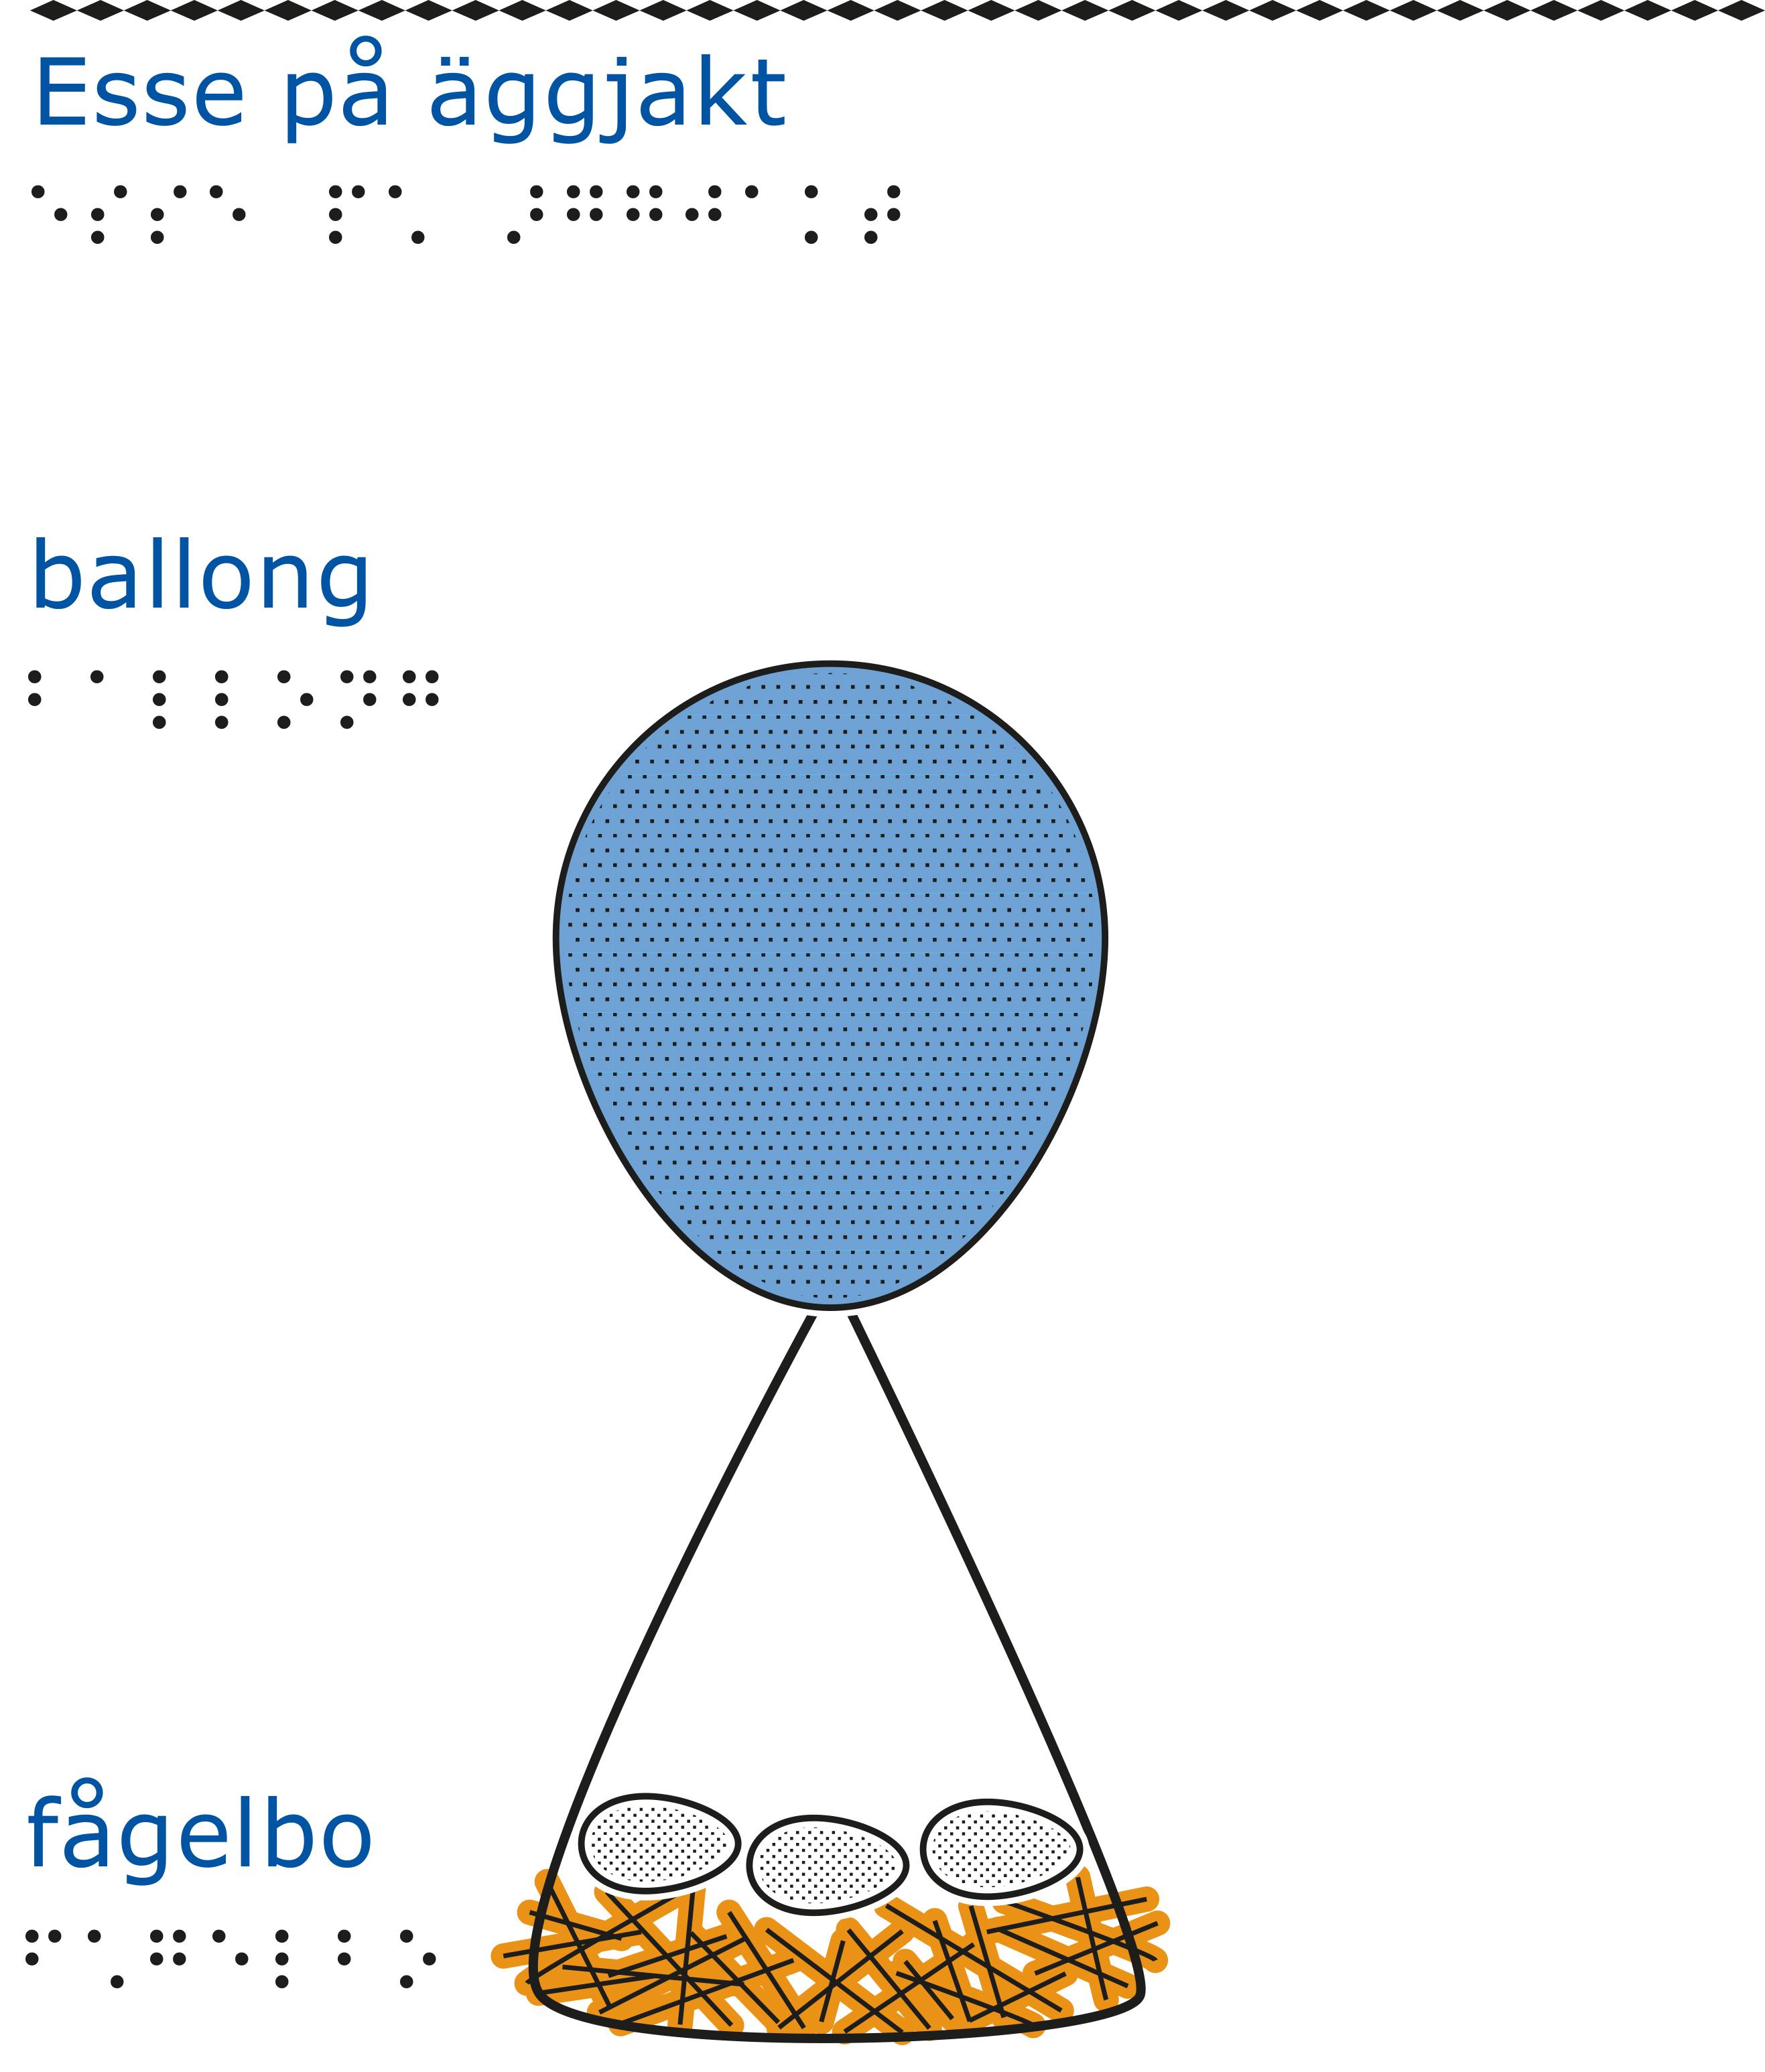 En blå ballong som är fastknuten i ett fågelbo med tre ägg i. Vit bakgrund.